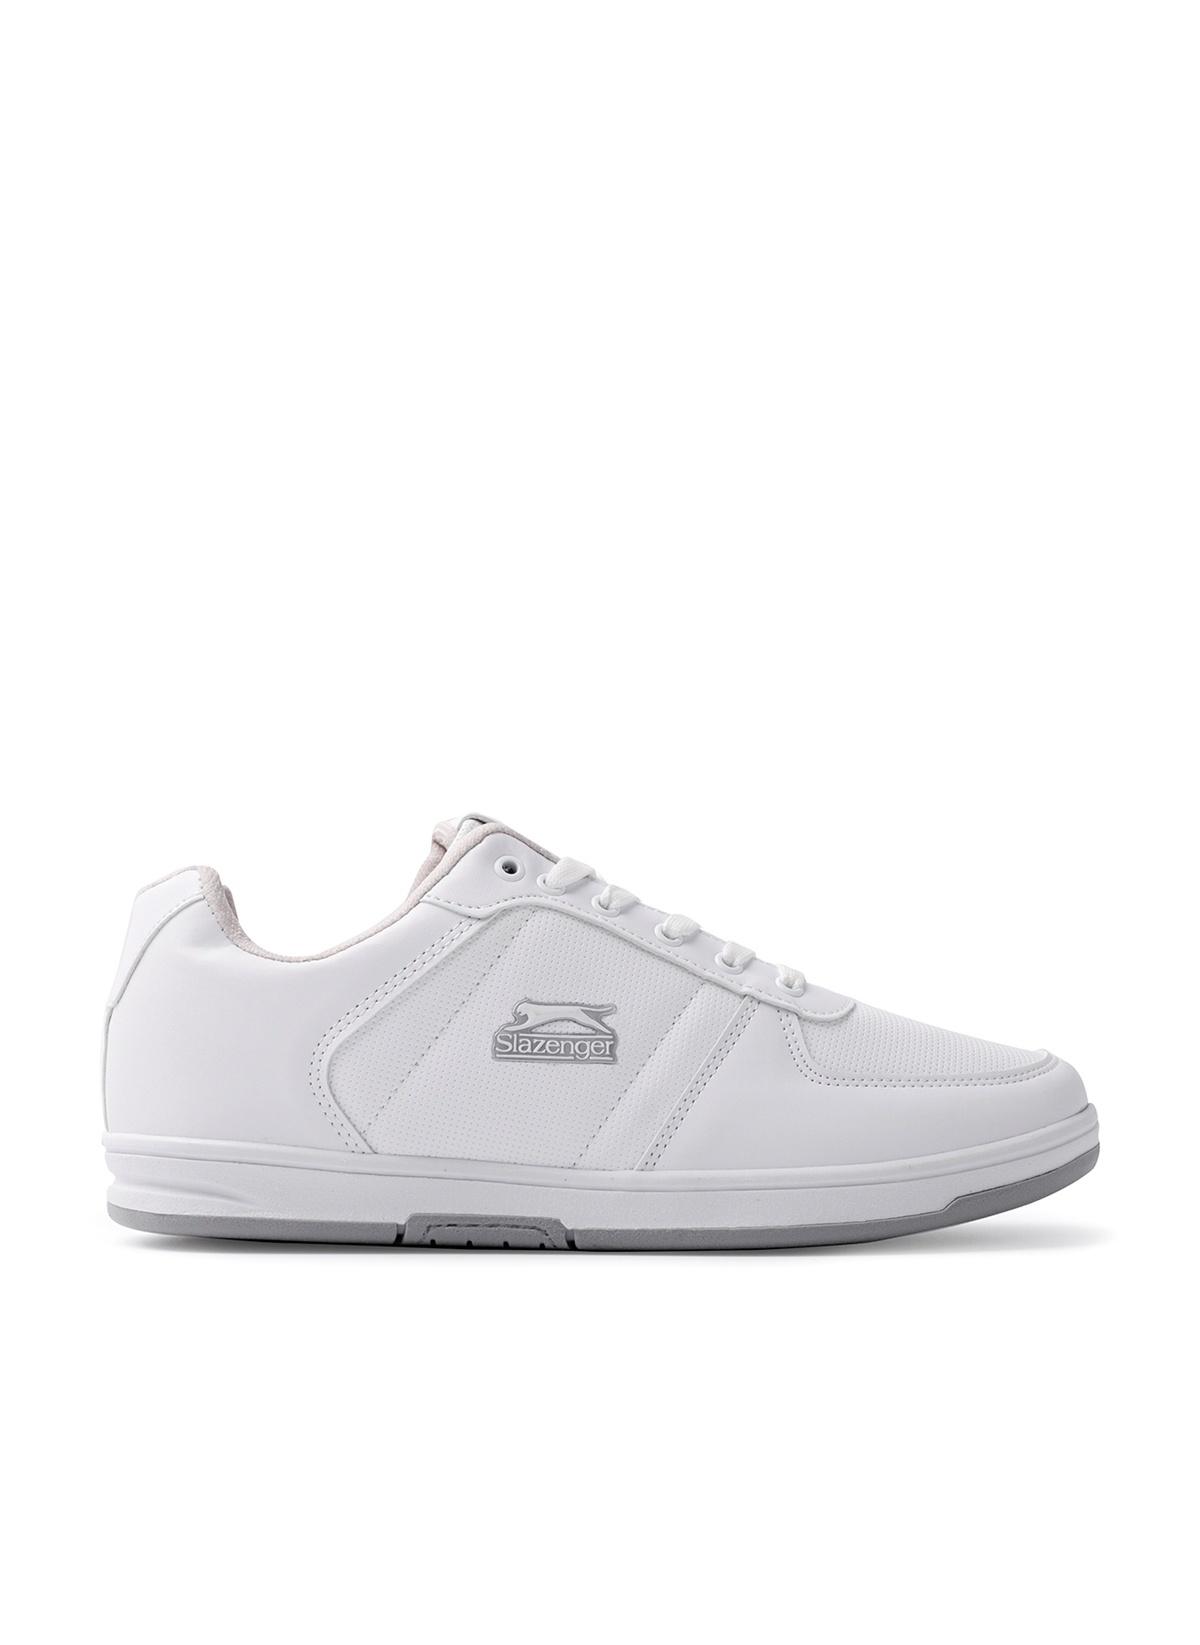 slazenger sneaker